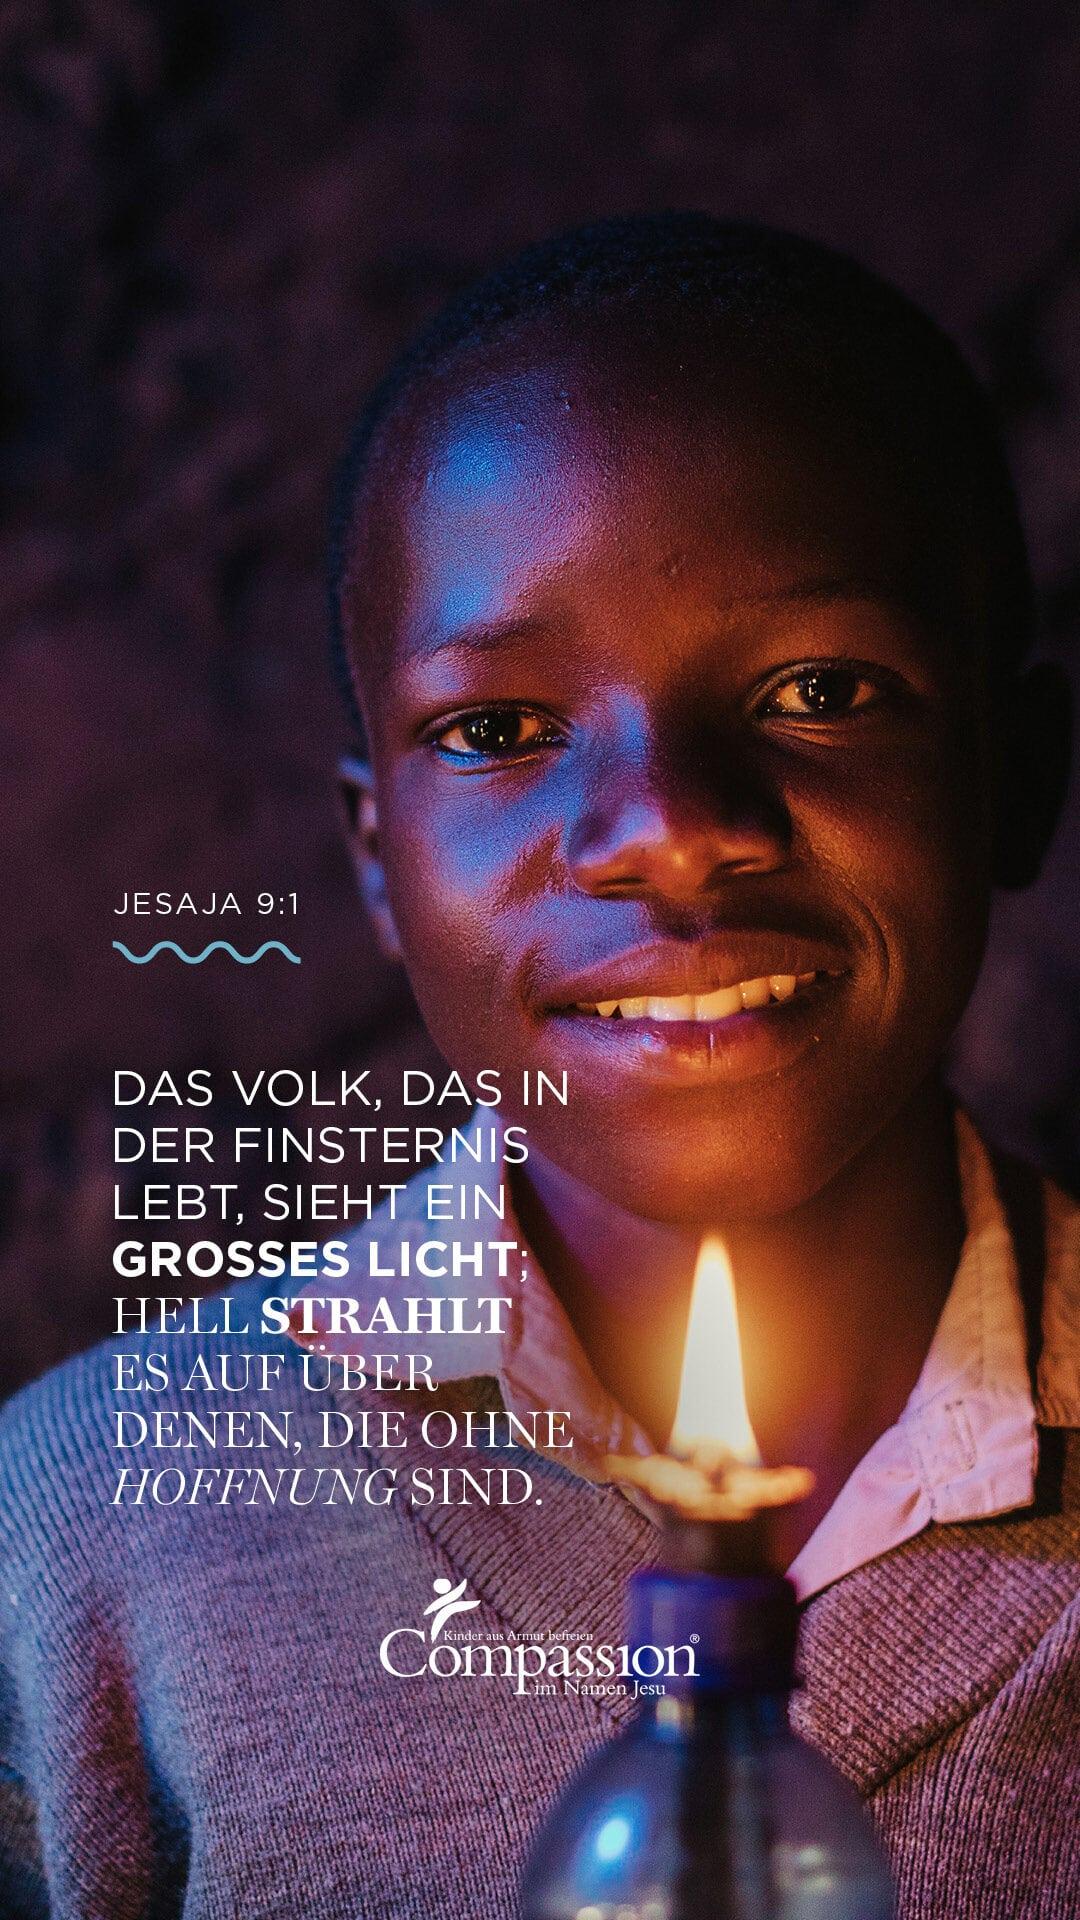 """alt=""""Jesaja_9_1_Wallpaper_Compassion_Deutschland"""""""